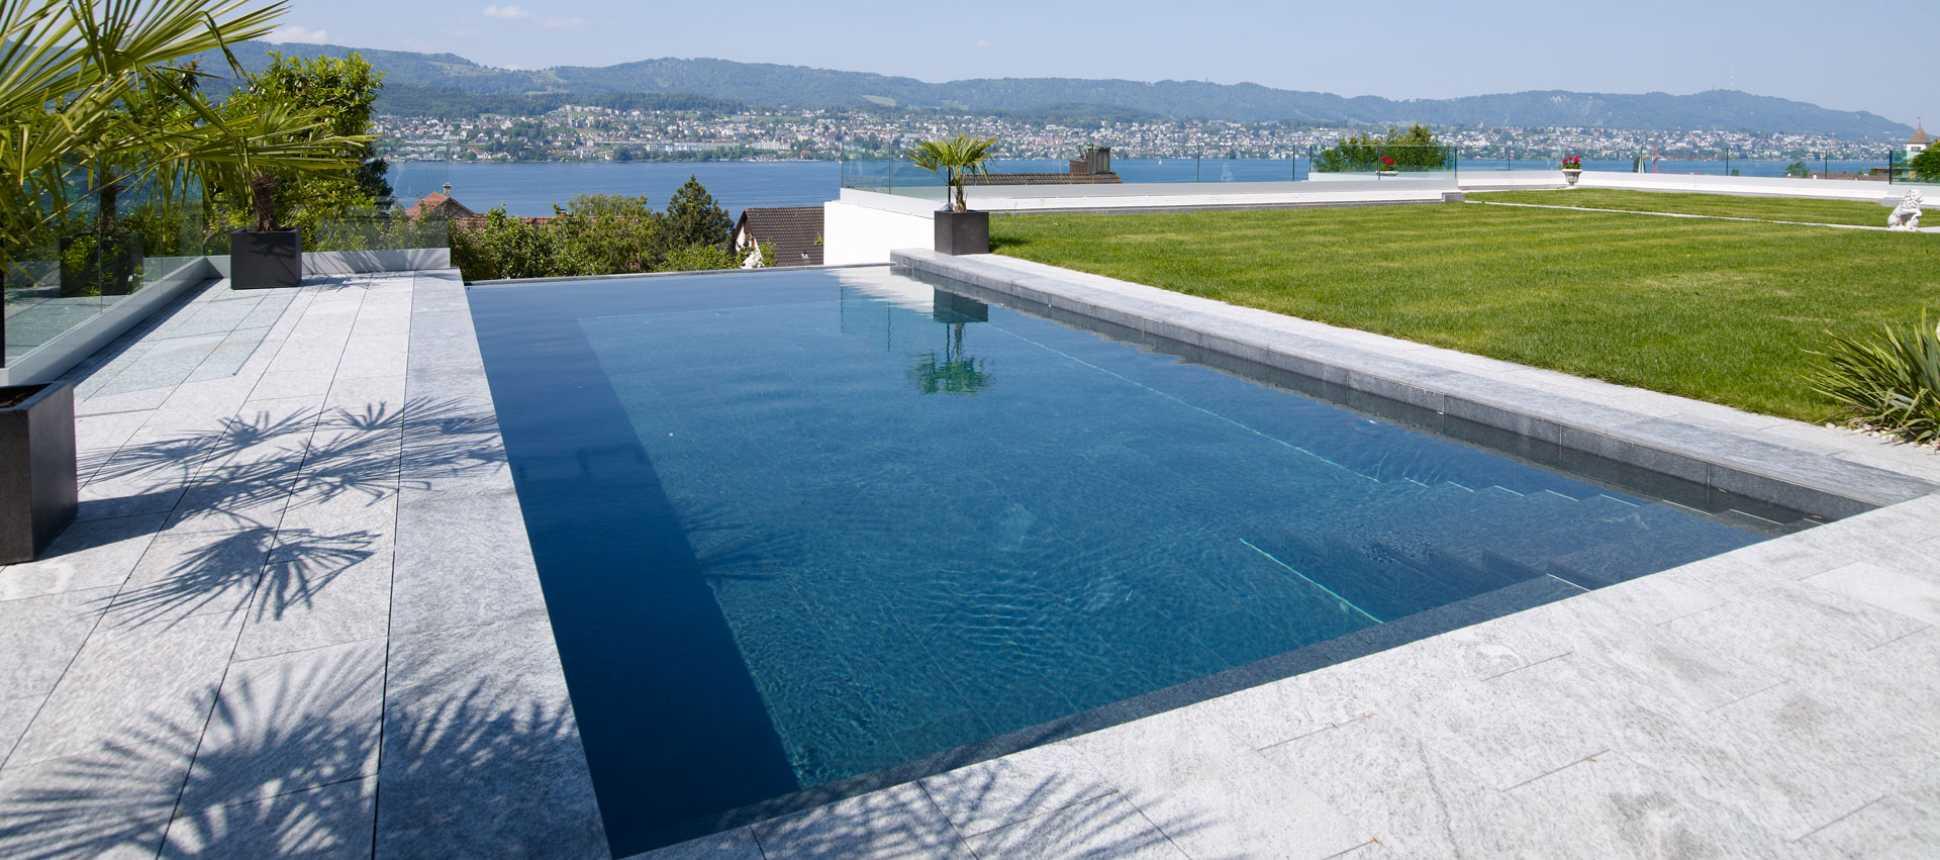 Schwimmbecken mit Aussicht